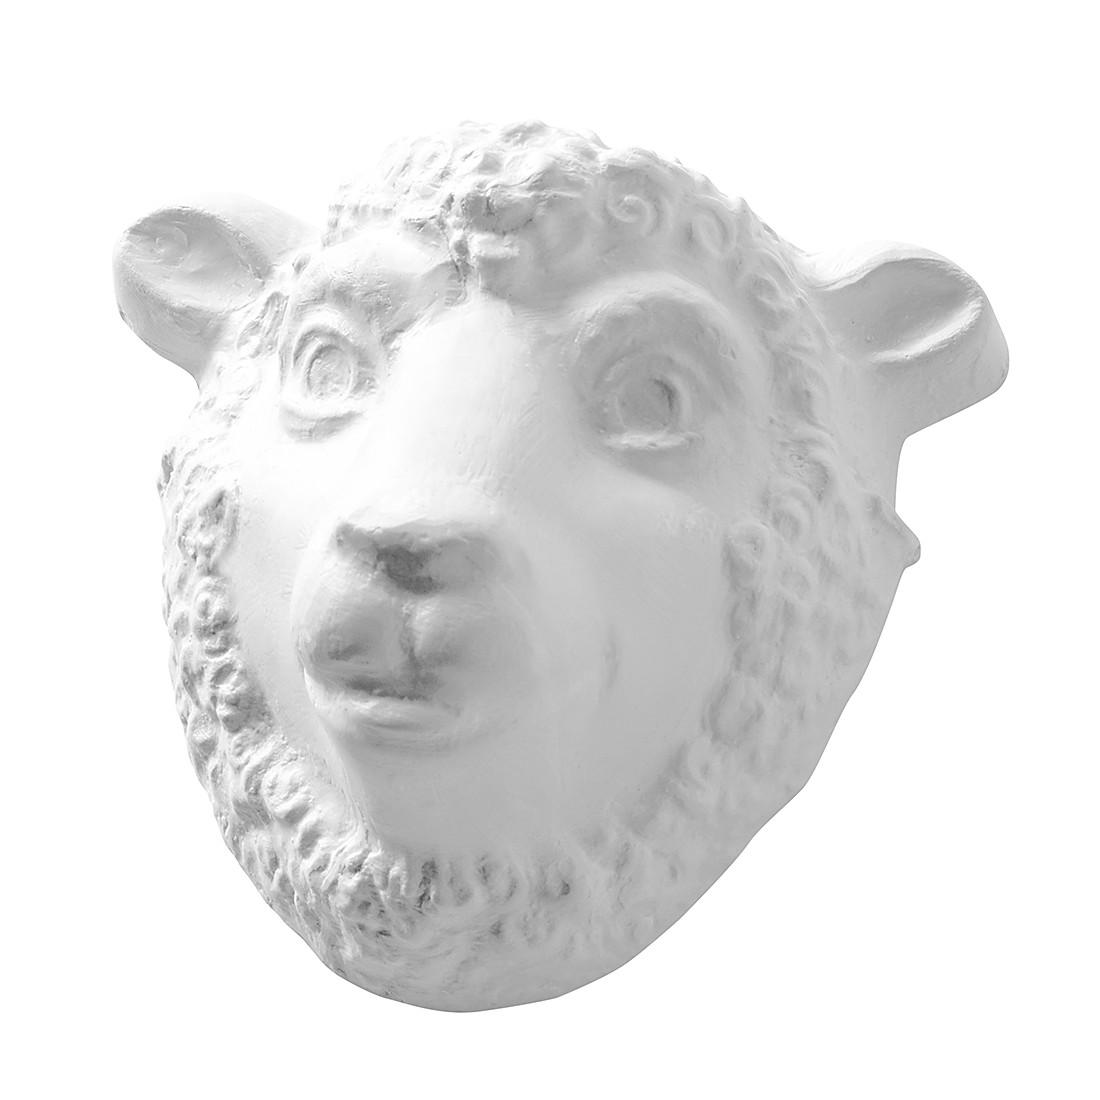 Tierkopf Schaf – Porzellan, Serax jetzt bestellen